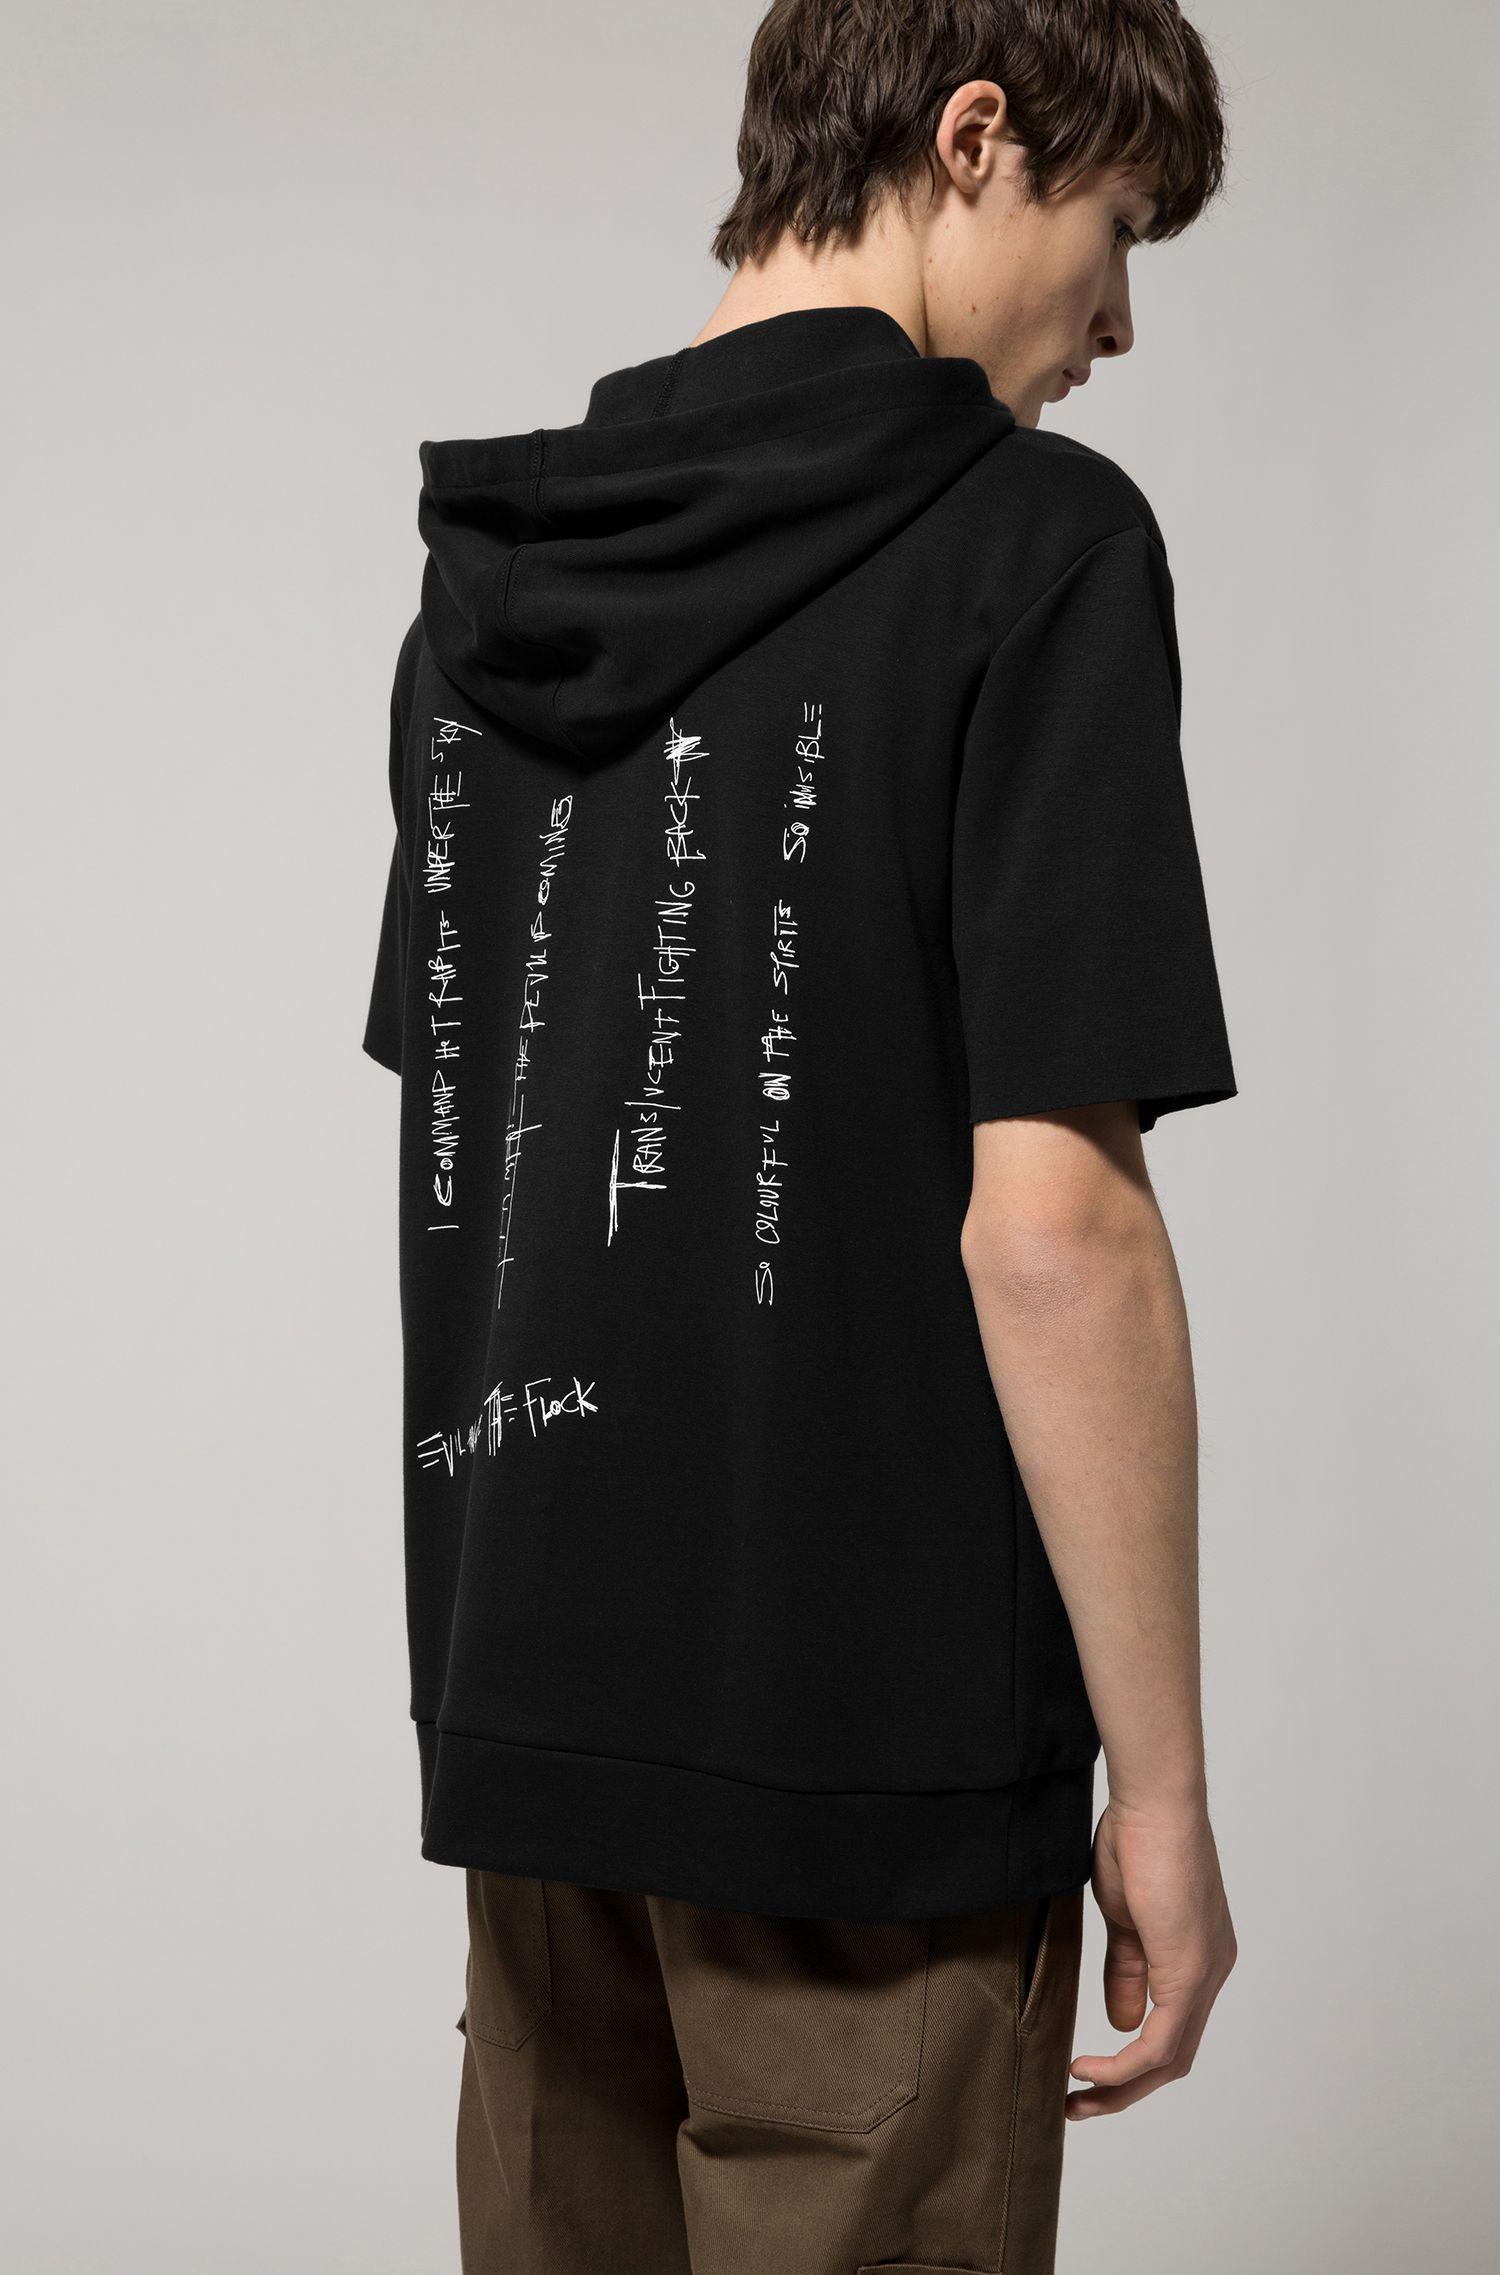 Kapuzen-Sweatshirt aus Interlock-Gewebe mit kurzen Ärmeln